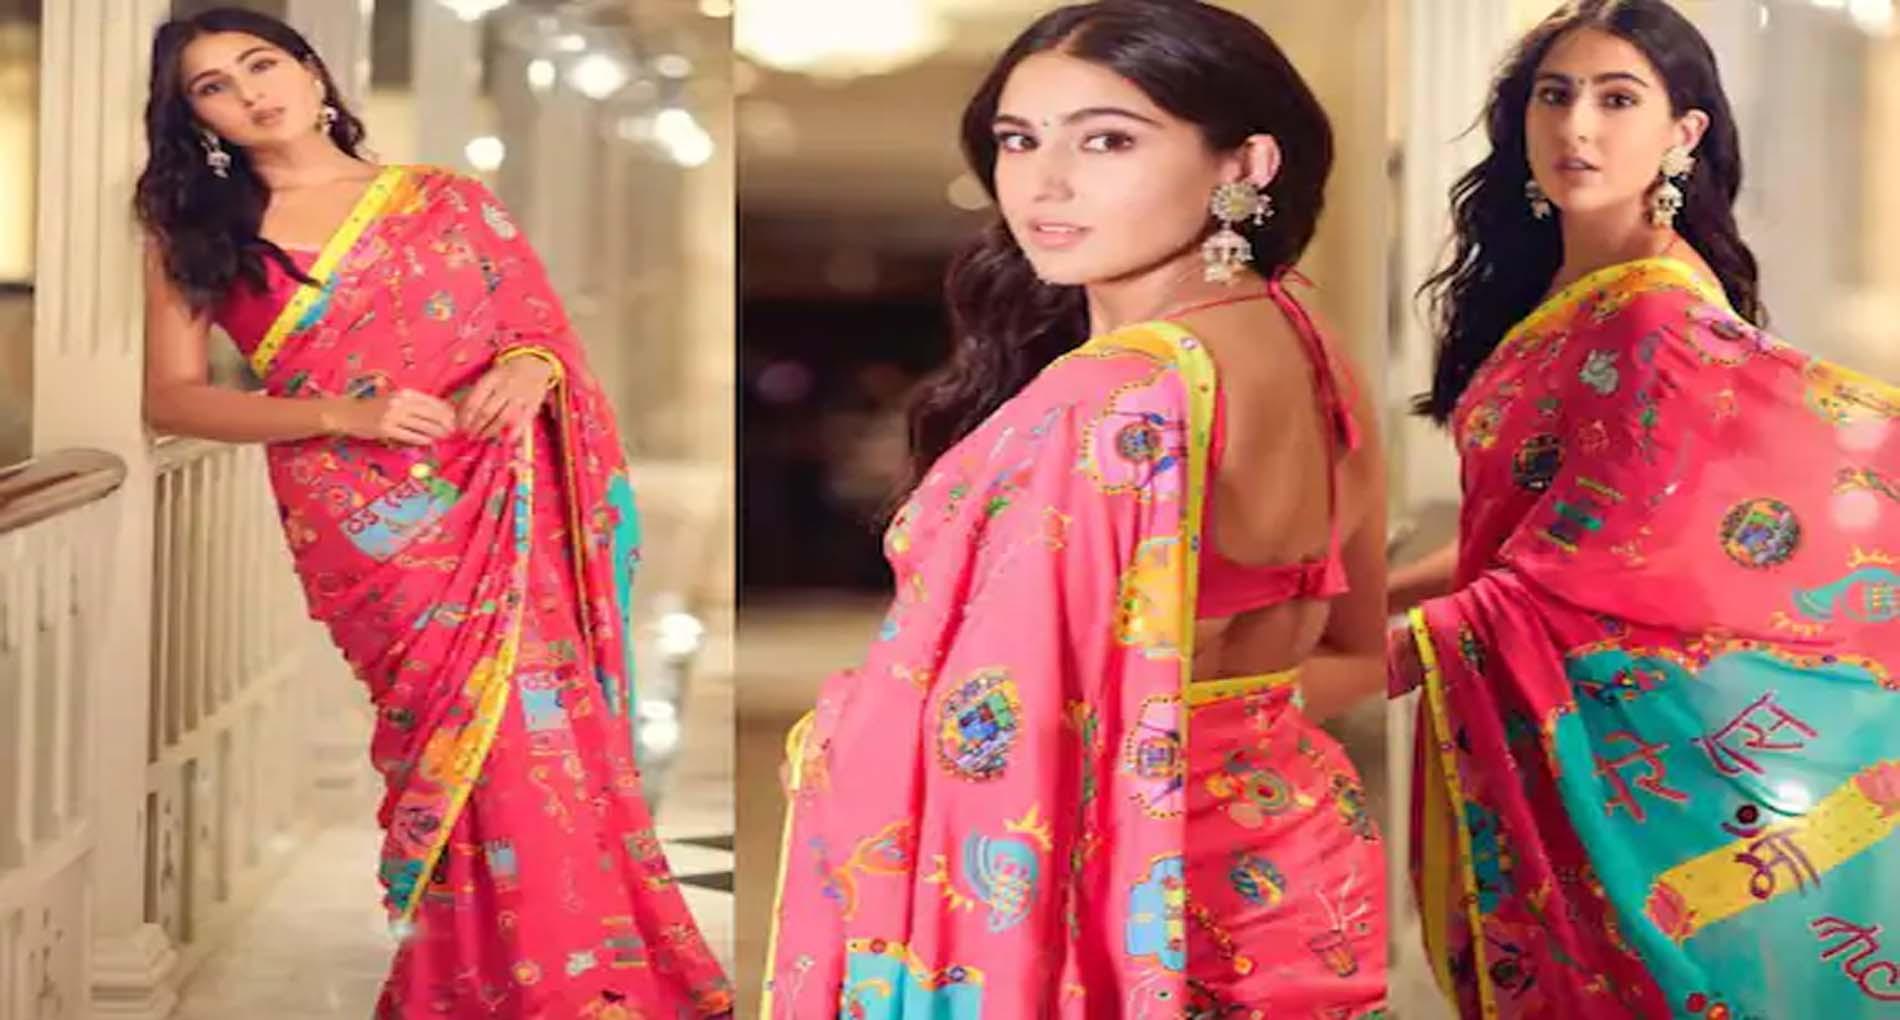 Sara Ali Khan Photos: साड़ी पहनकर यूं इठलाईं सारा अली खान! तस्वीरें हो रही हैं वायरल